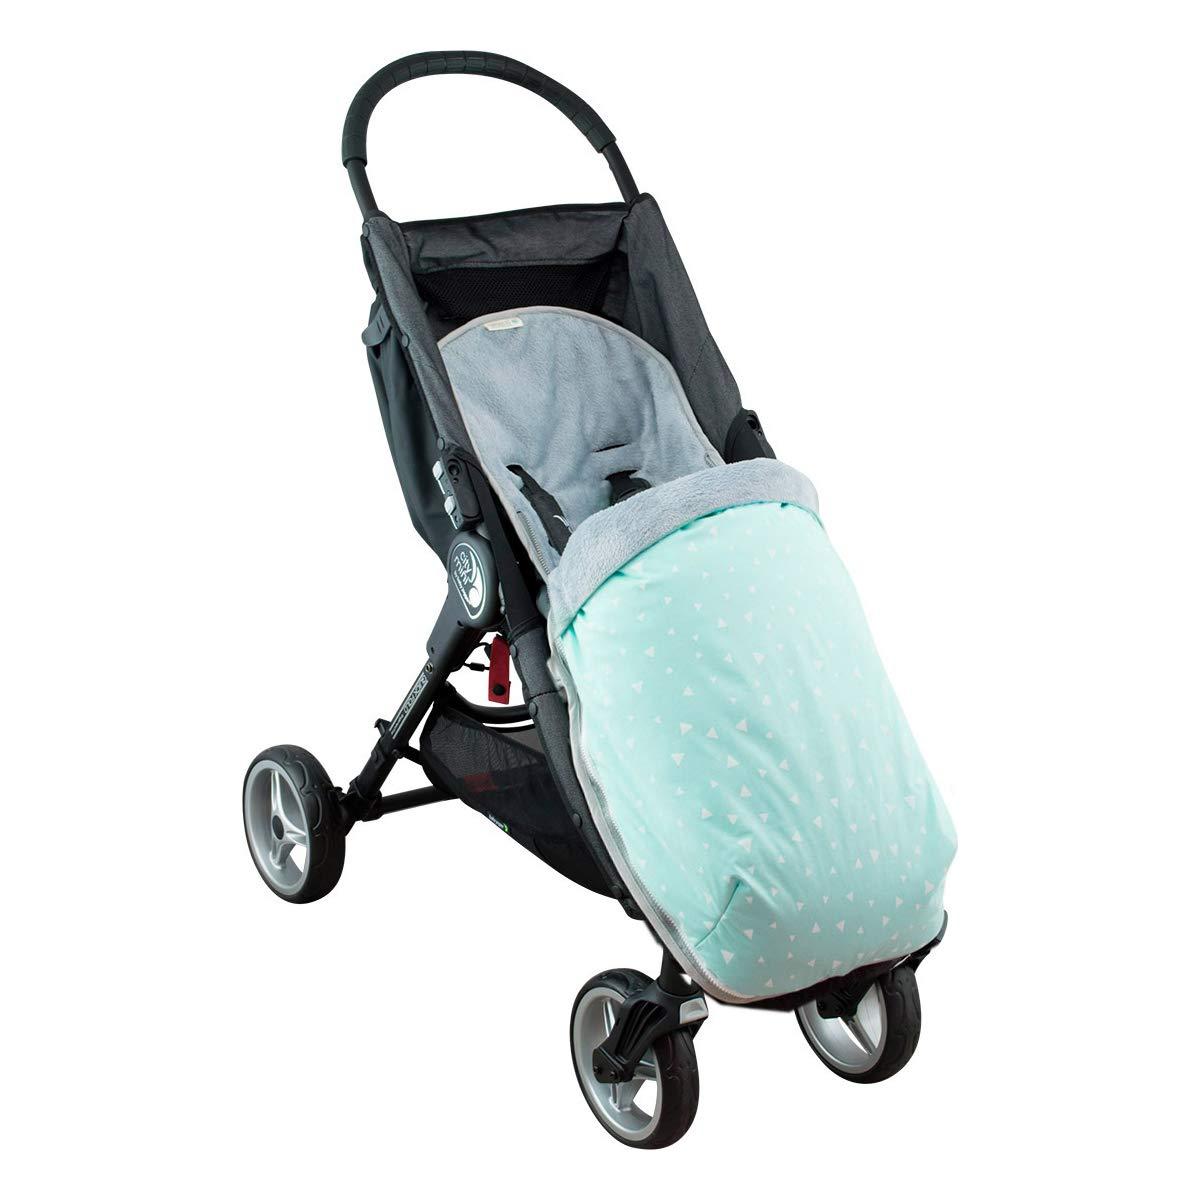 JANABEBE Sacco impermeabilizzato per Baby jogger City Mini Joolz BLACK SERIES, COTONE